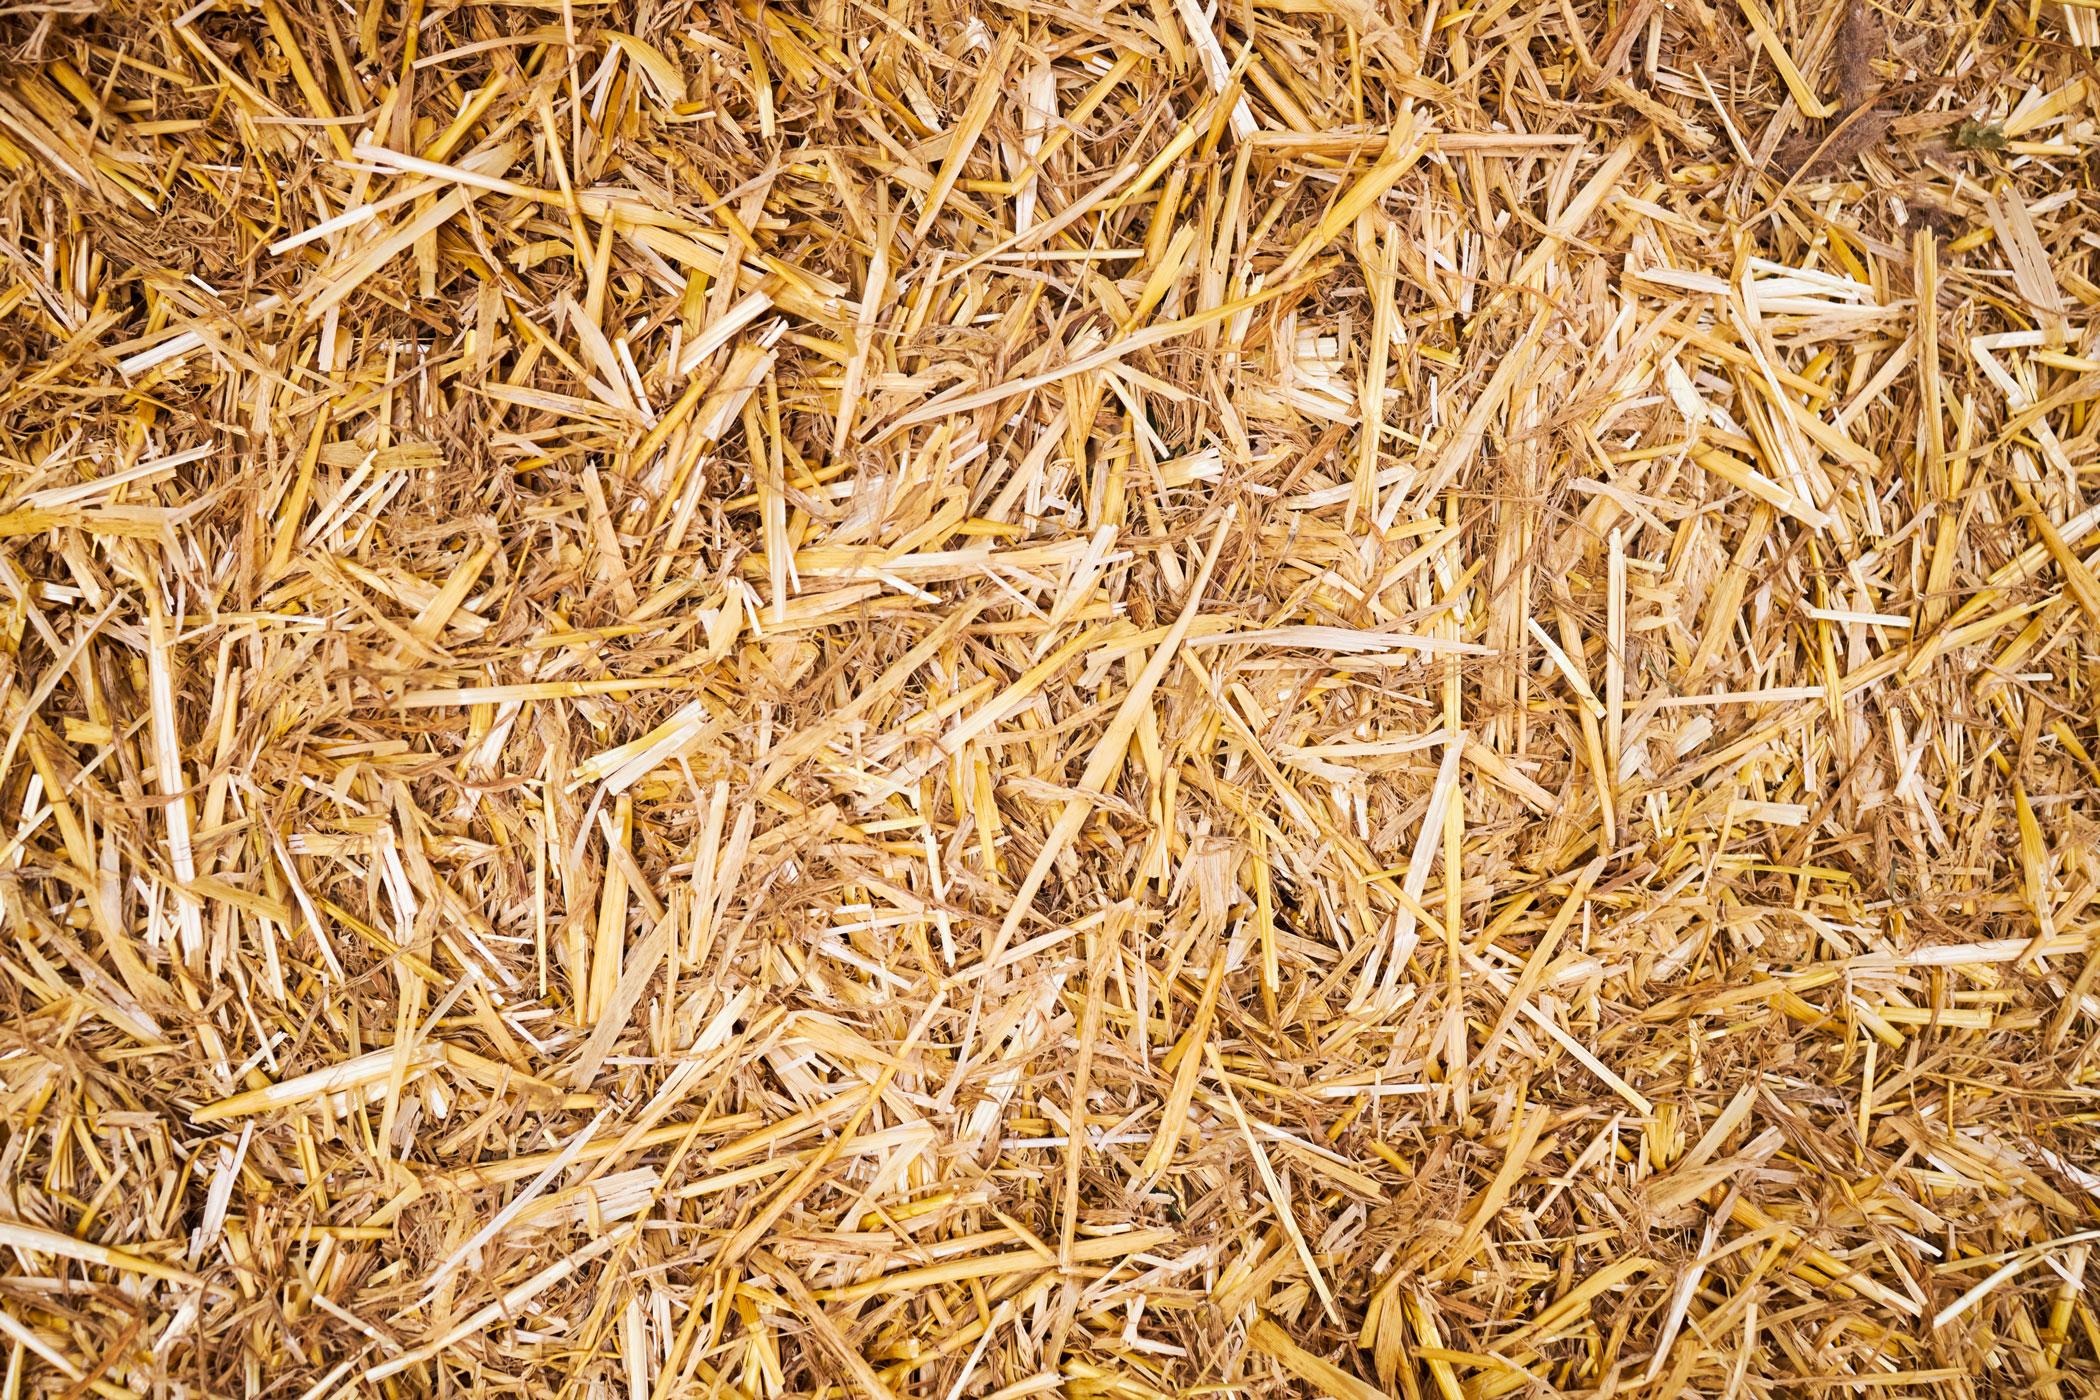 Getreide wie Weizen, Hafer und Gerste vor der Brikettierung